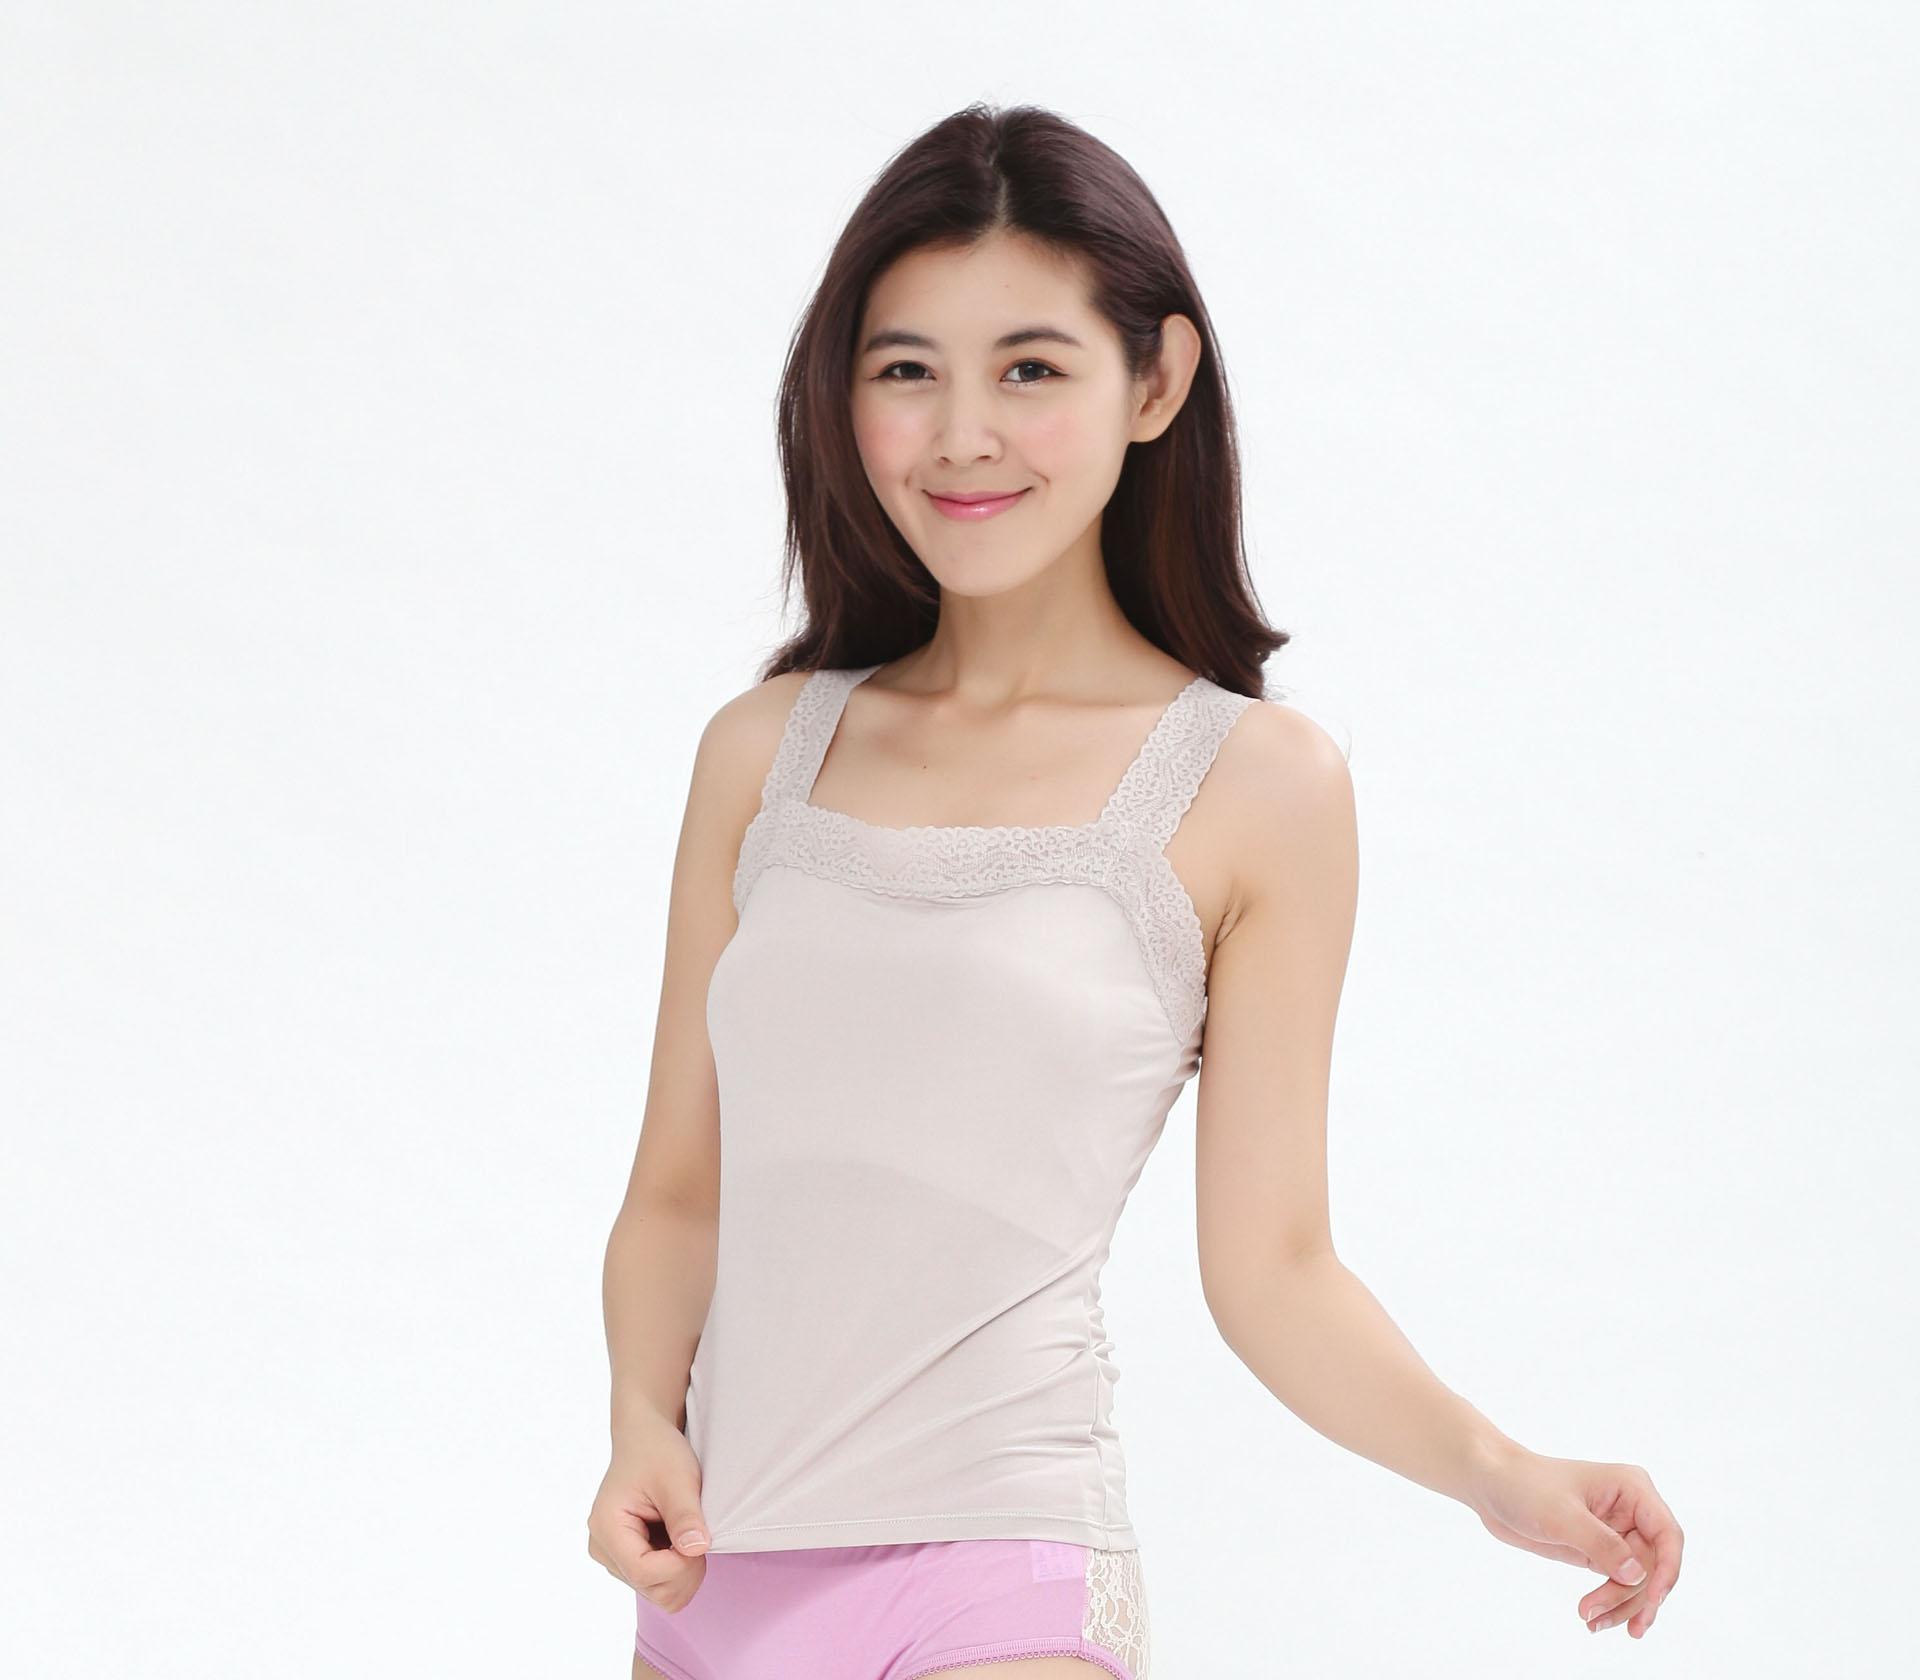 闕蘭絹親膚舒適100%蠶絲背心-9910(灰)